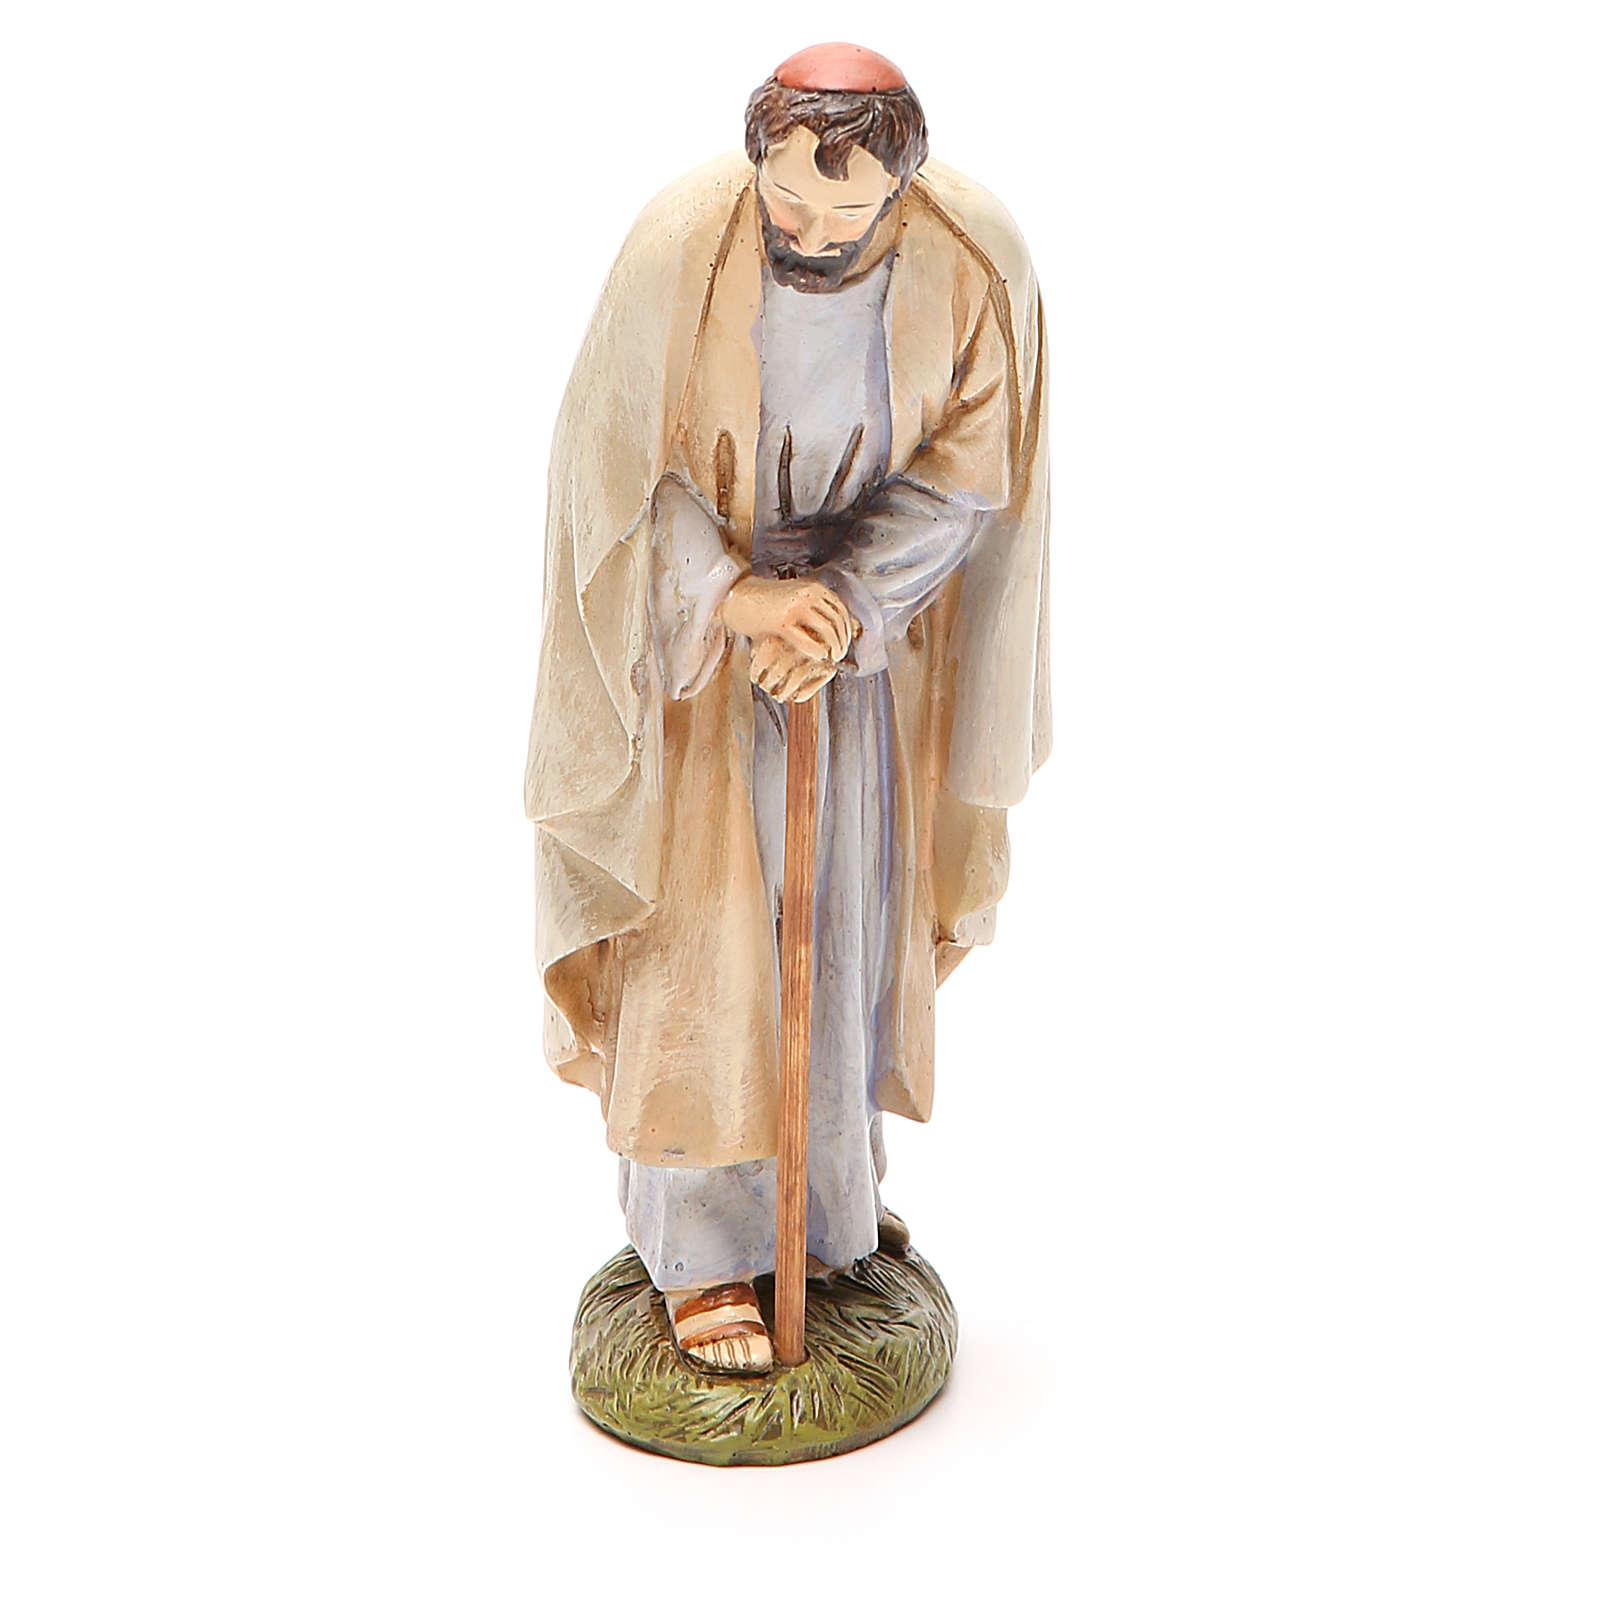 St Joseph en résine peinte 16 cm gamme Martino Landi 3